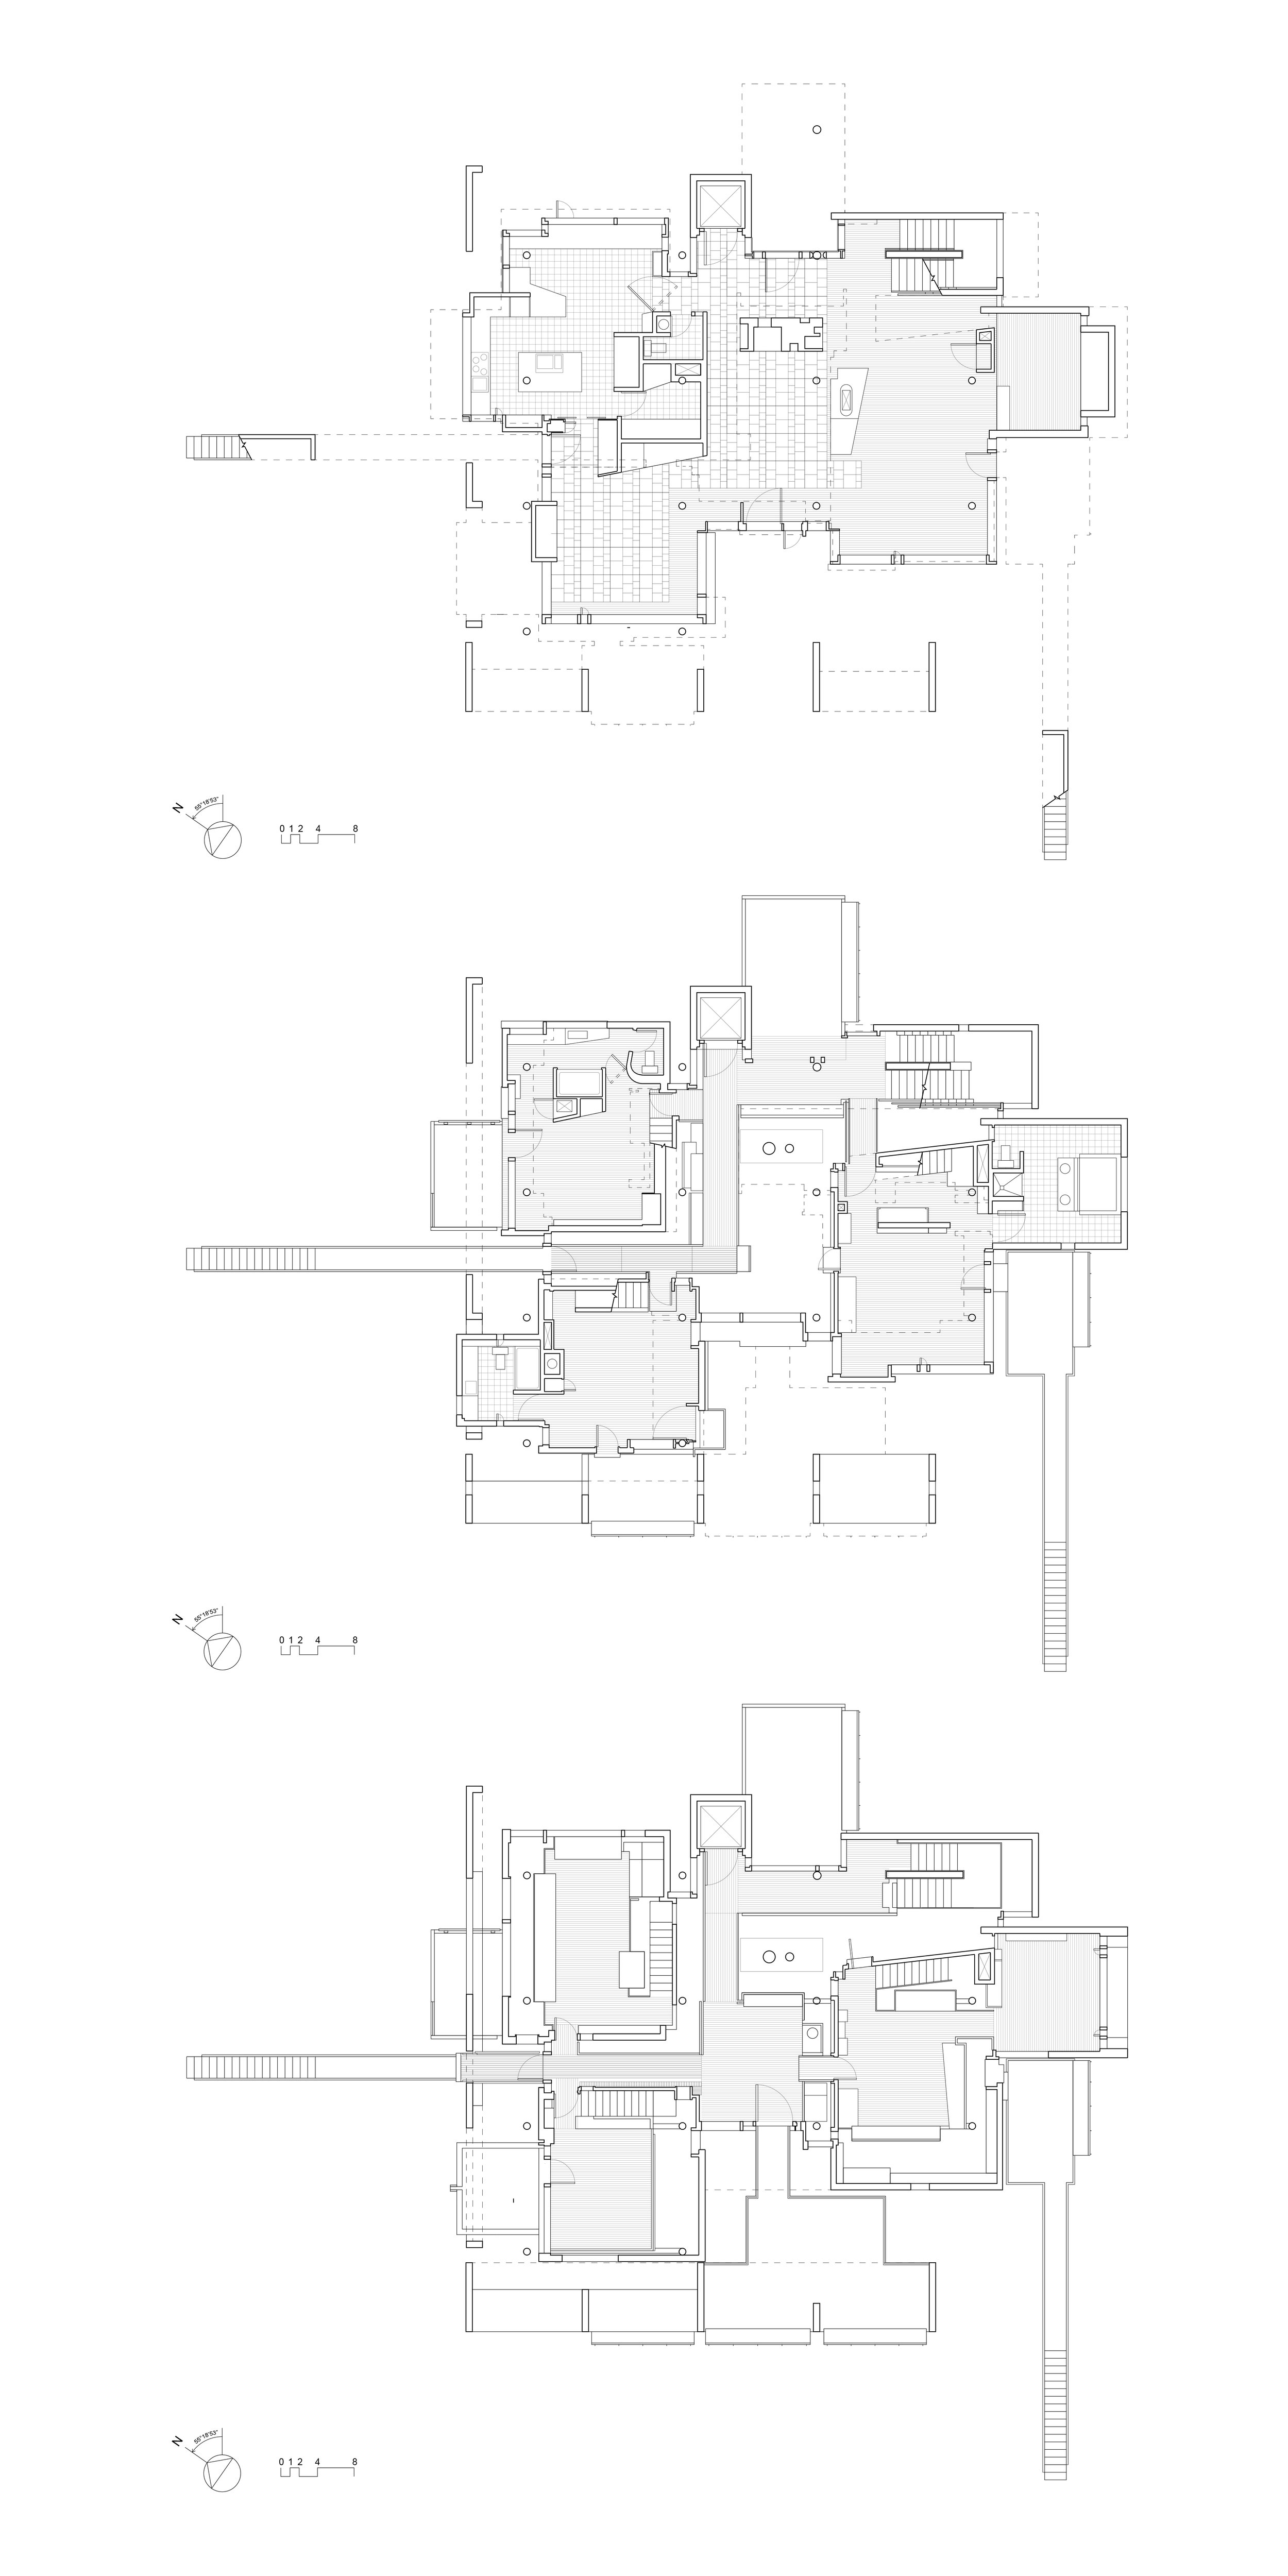 miller house_plans.jpg